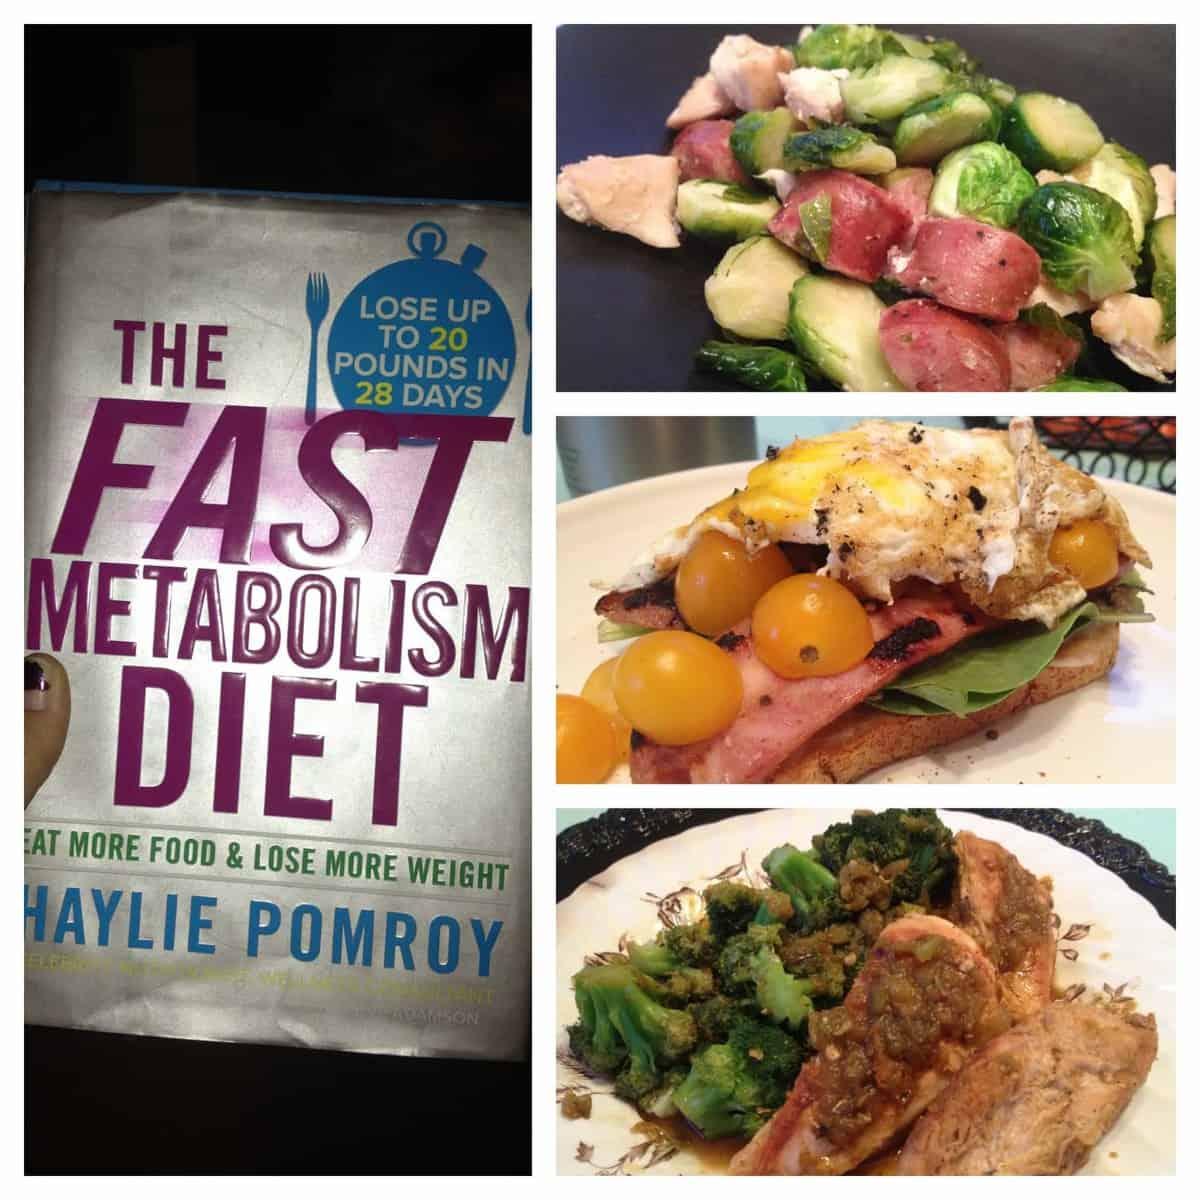 Fast Metabolism Diet while gluten-free